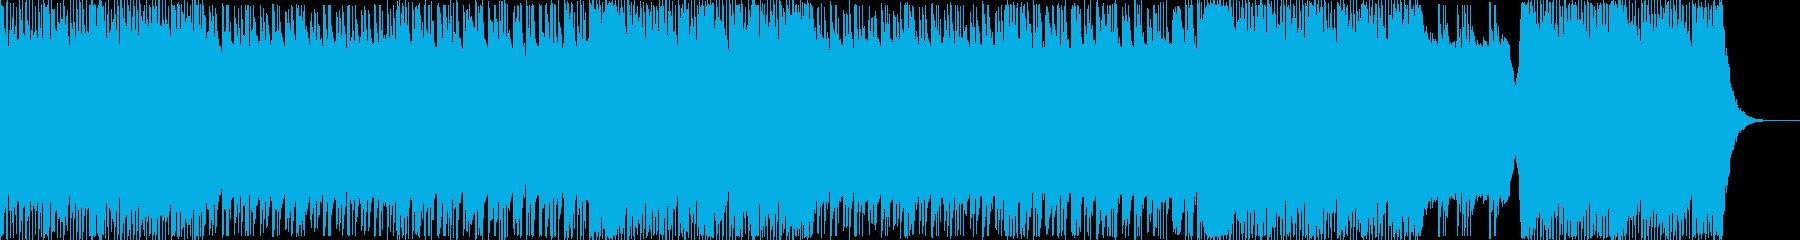 民族系/重低音/808/Beats/#1の再生済みの波形